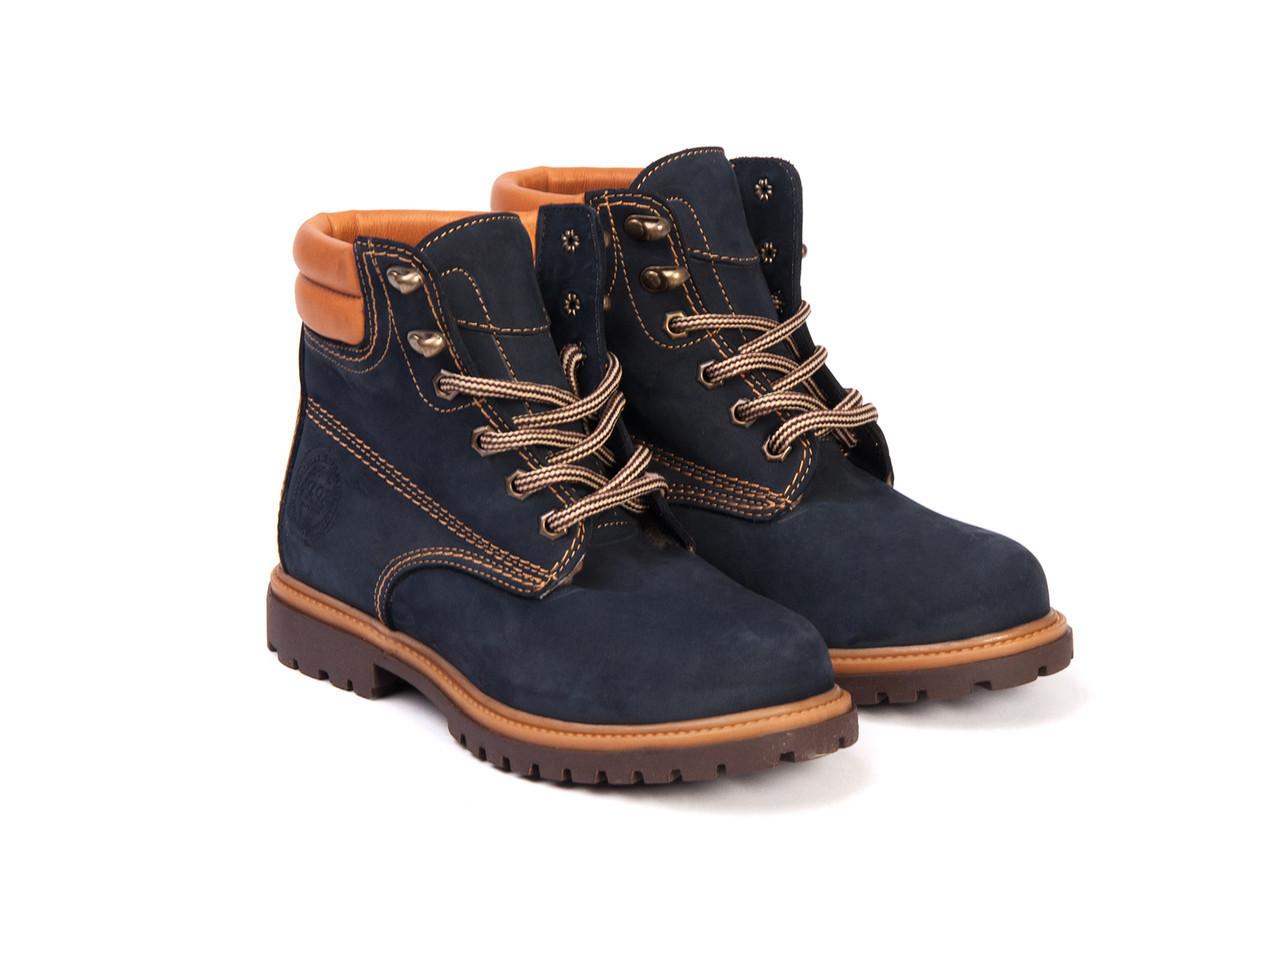 Ботинки Etor 2852-4310-2298 38 синие, фото 1